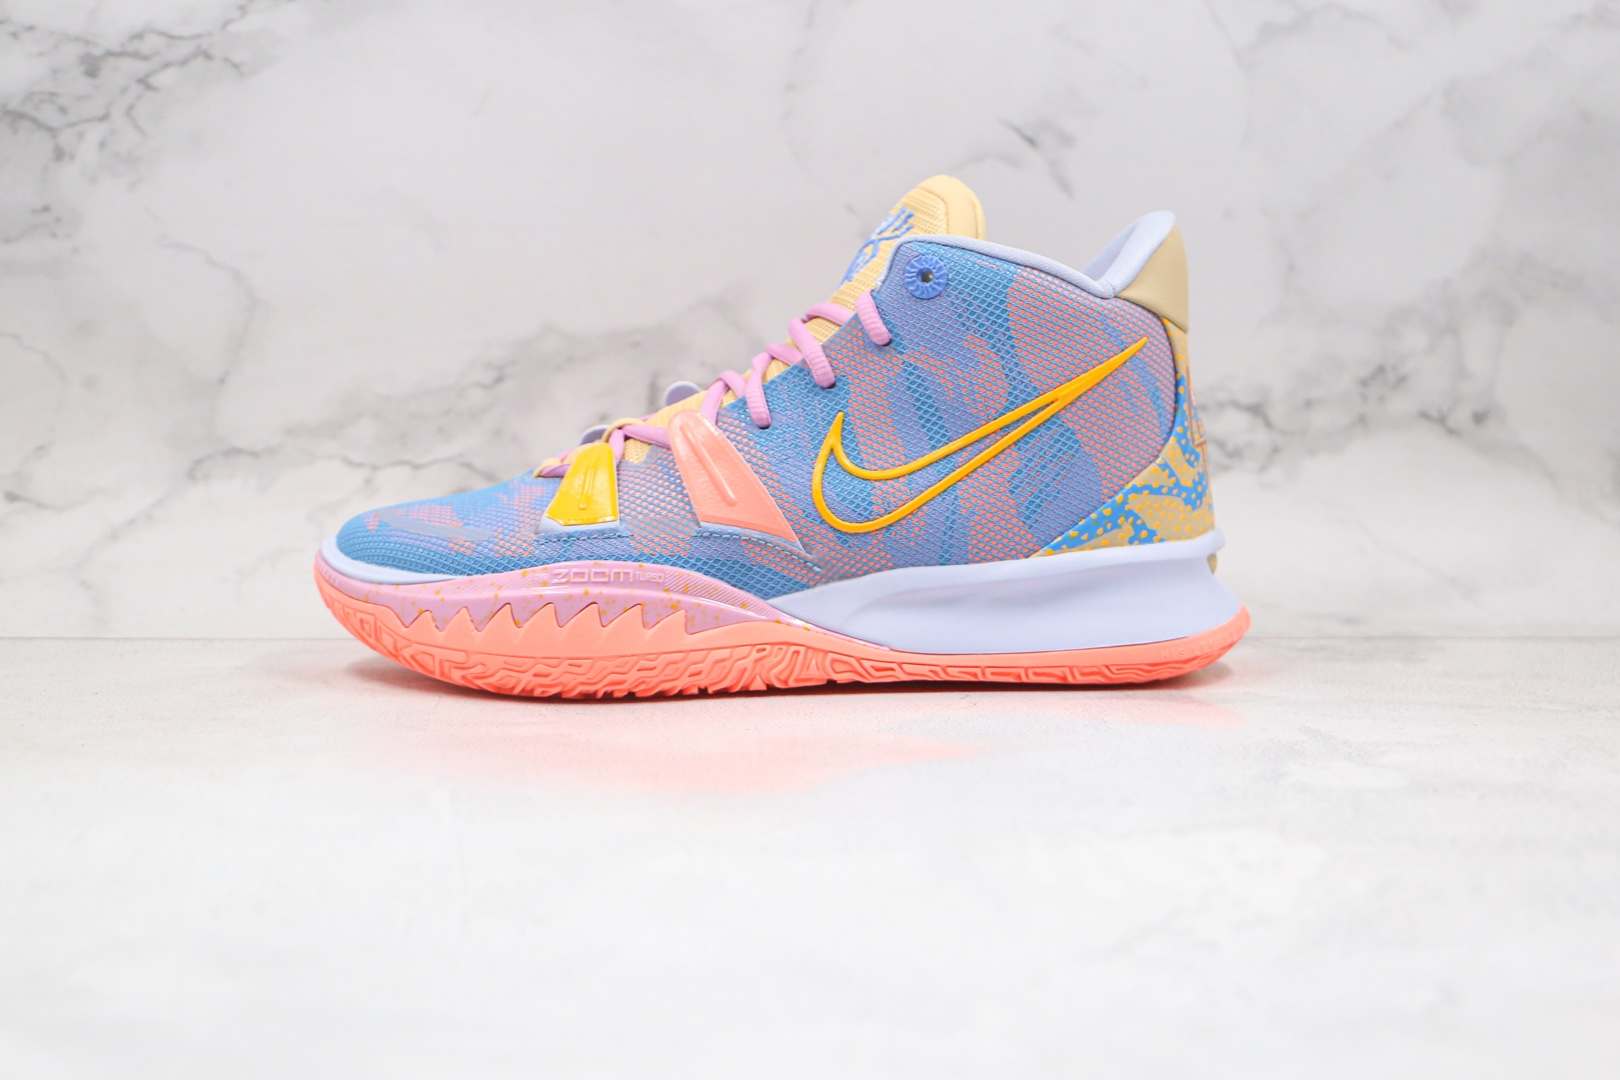 耐克Nike Kyrie 7 EXPRESSIONS纯原版本欧文7代艺术主题蓝粉色篮球鞋内置气垫支持实战 货号:DC0589-003